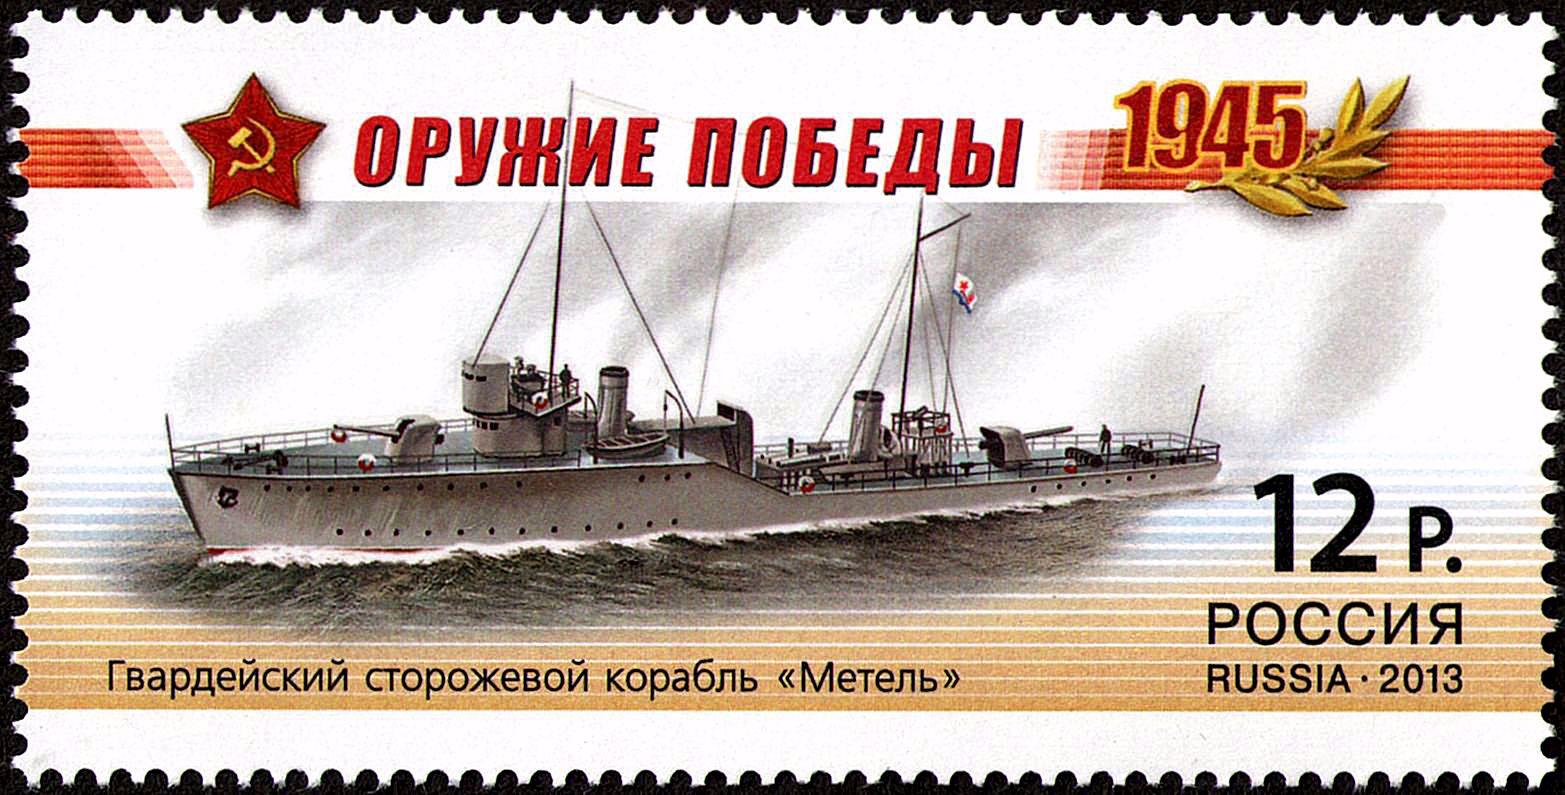 """""""Ураган"""" на памятной марке 2013 г."""